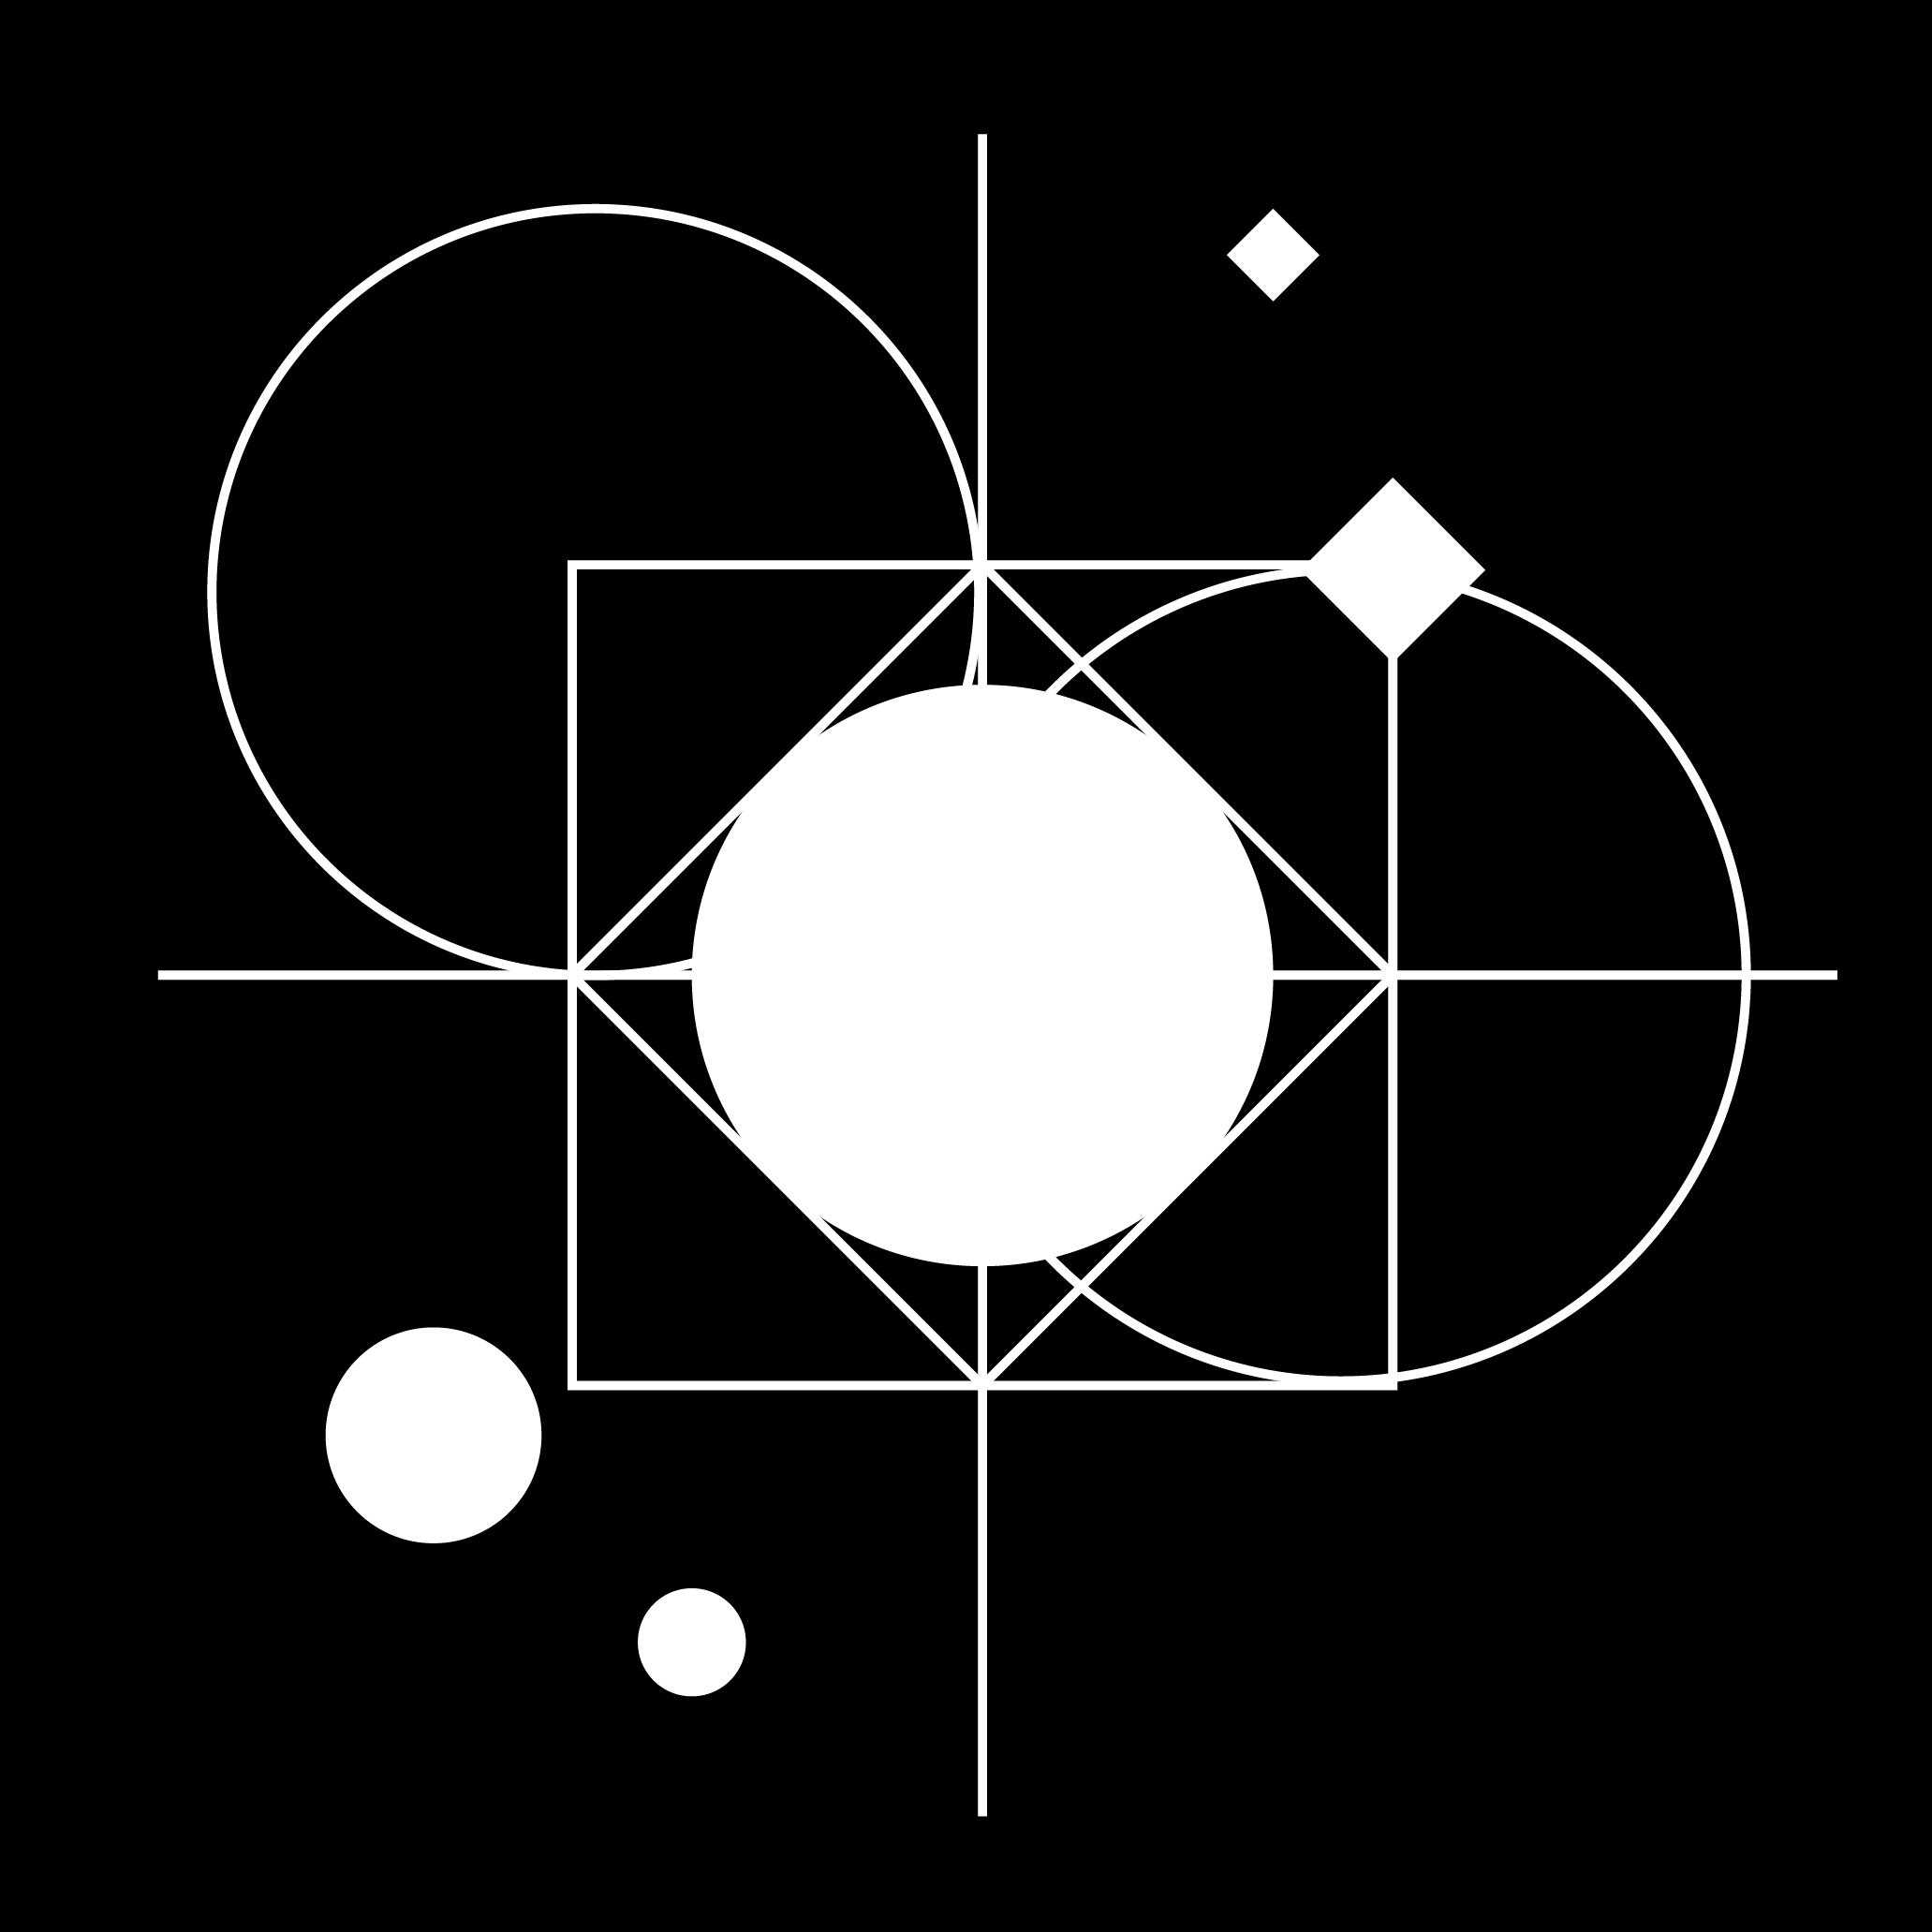 Composizione-servizio-progettazione-identità-visiva-by-Laura-Calascibetta-graphic-designer